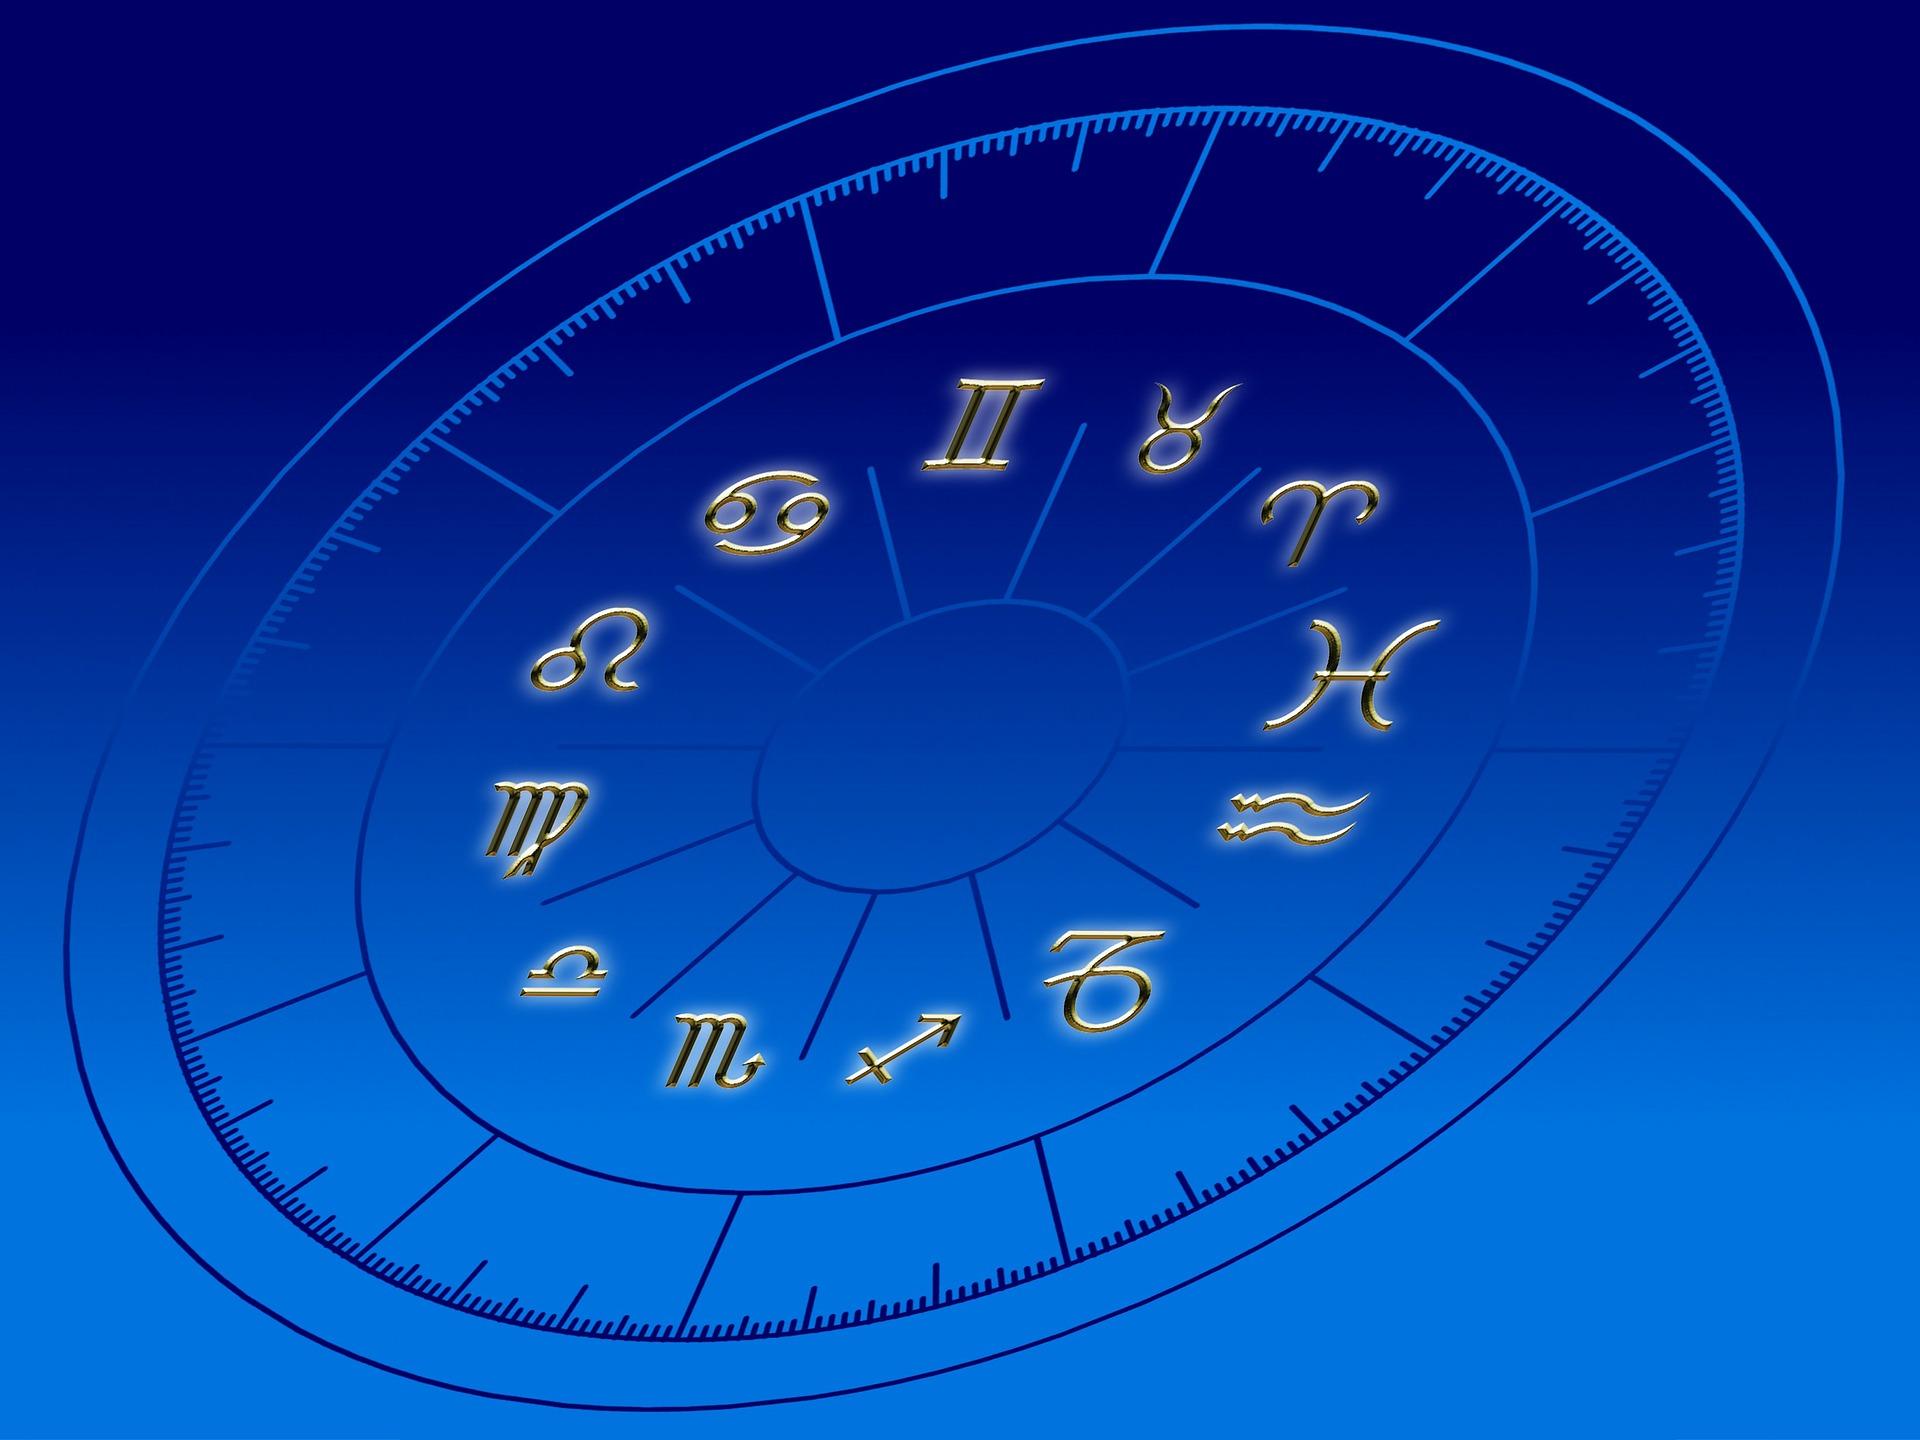 Oroscopo 2019 segni zodiacali coinquilino